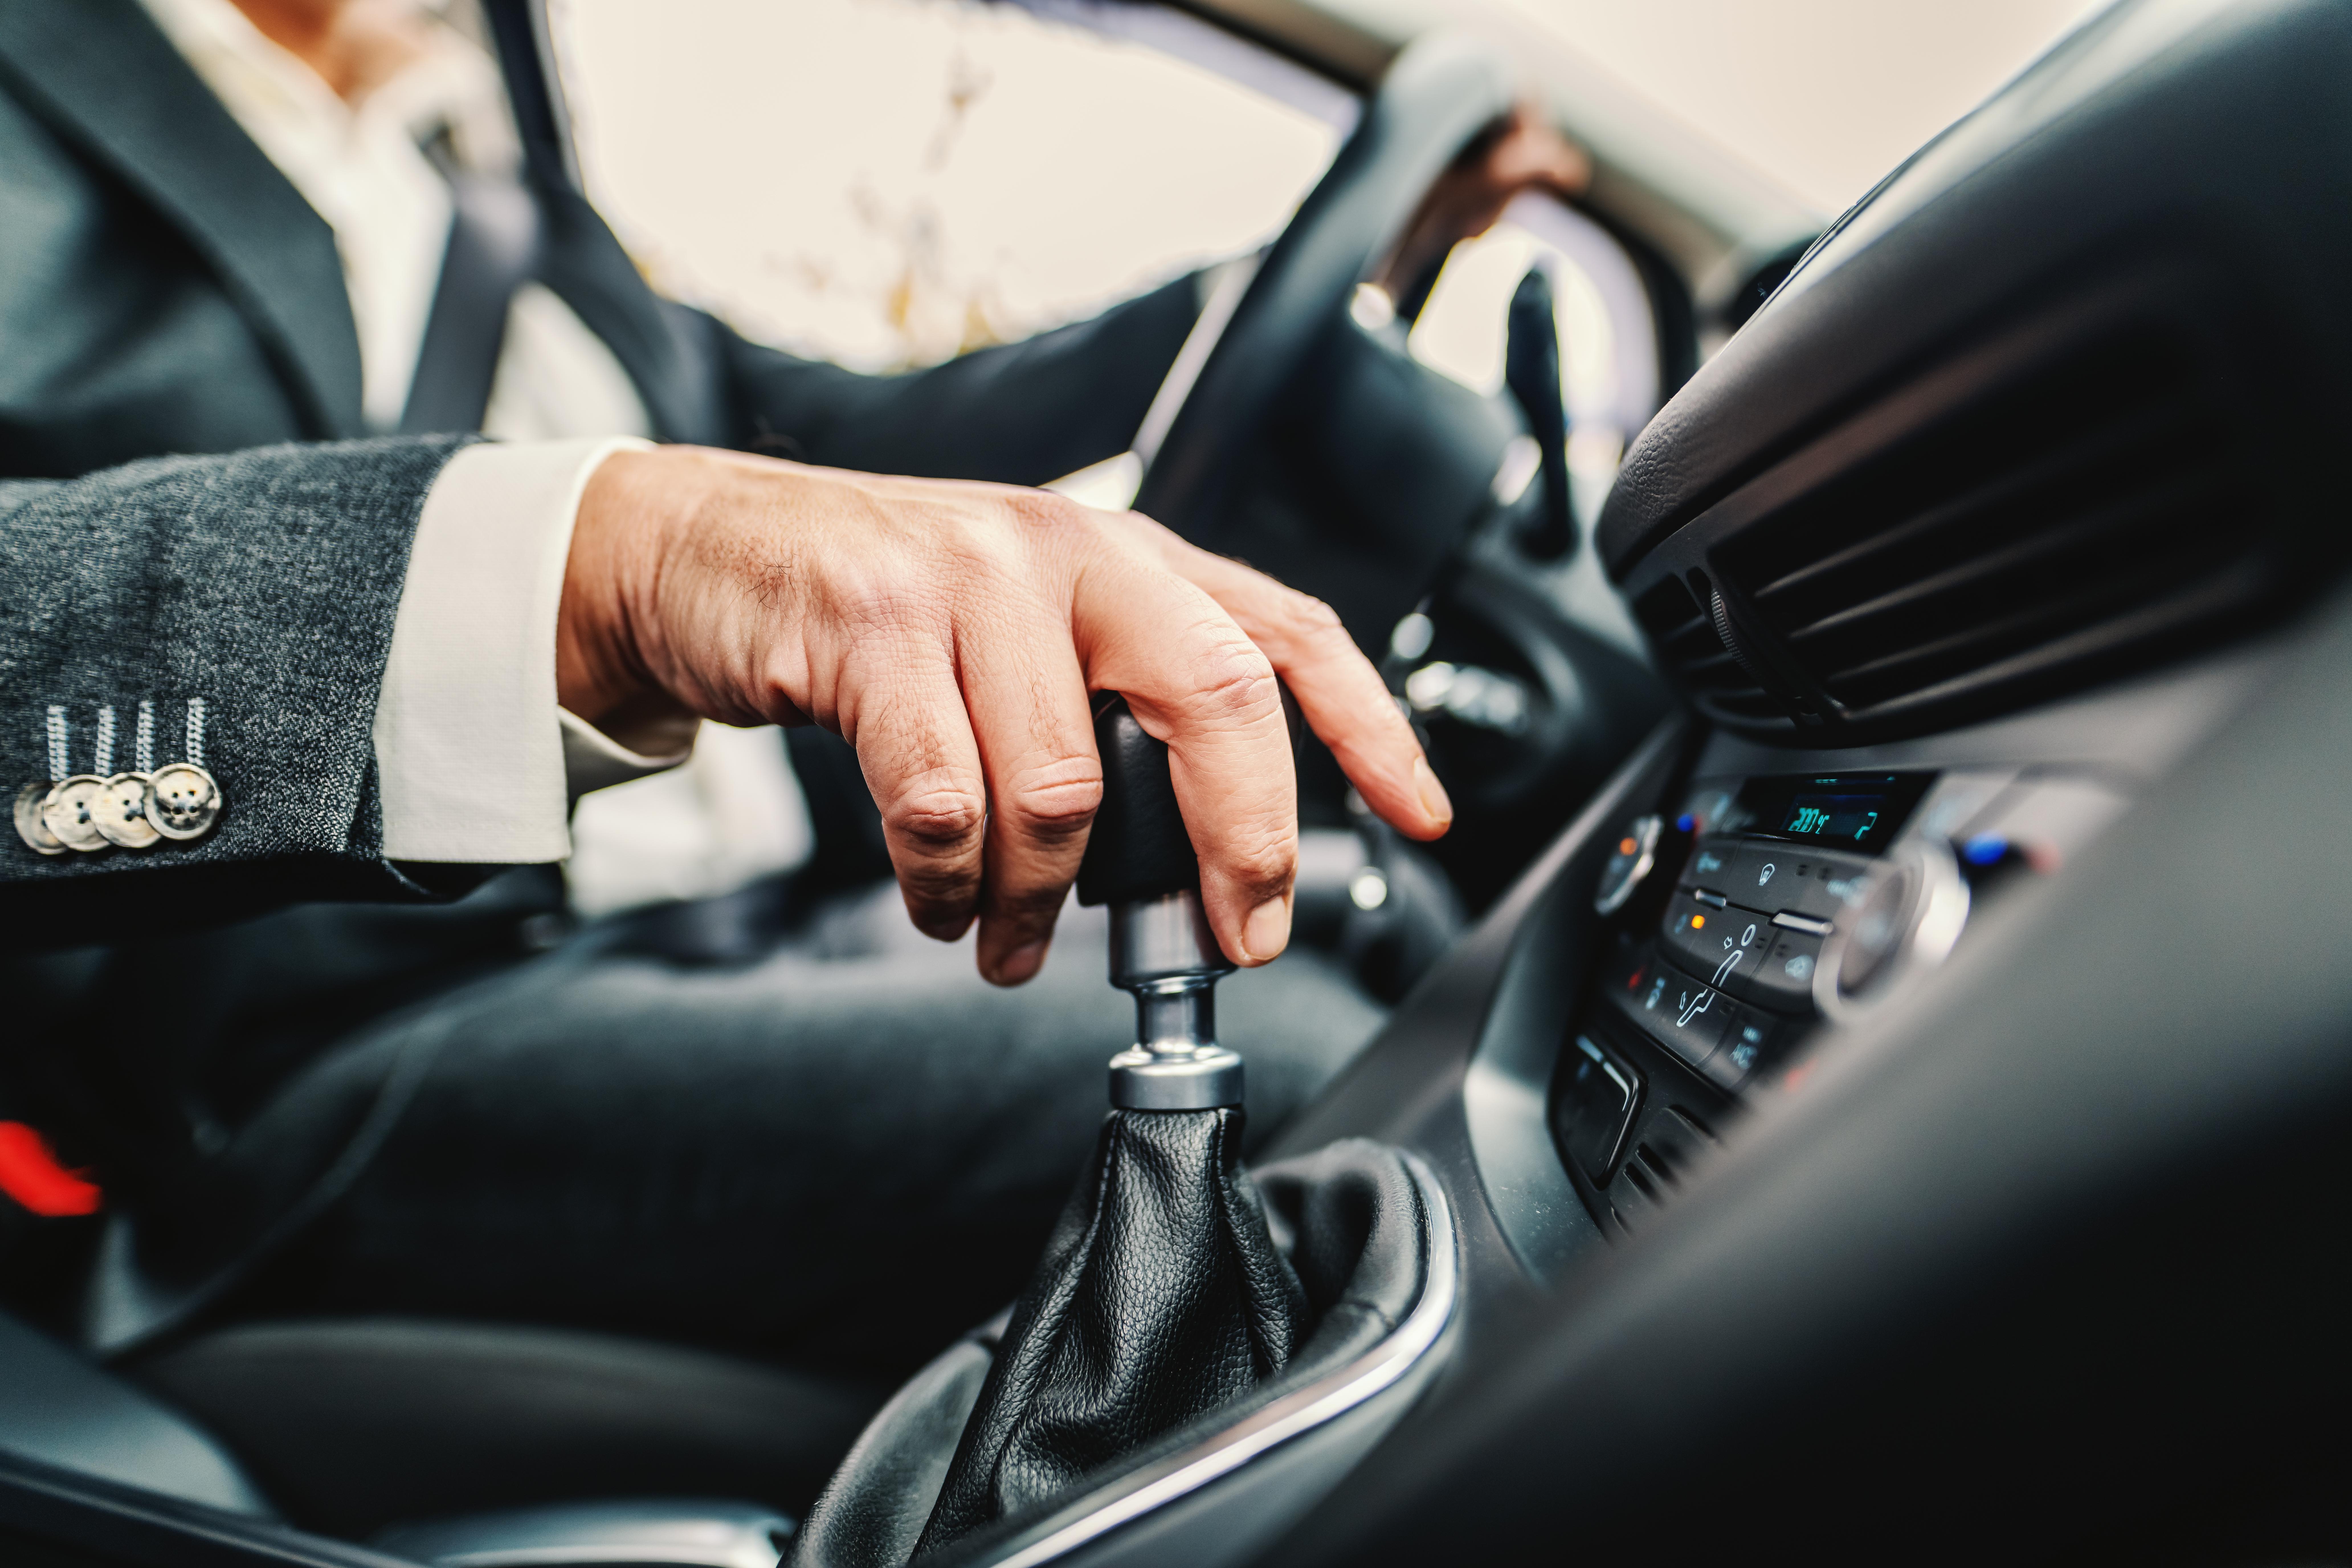 Jste za volantem klidní a rozvážní anebo propadáte emocím?